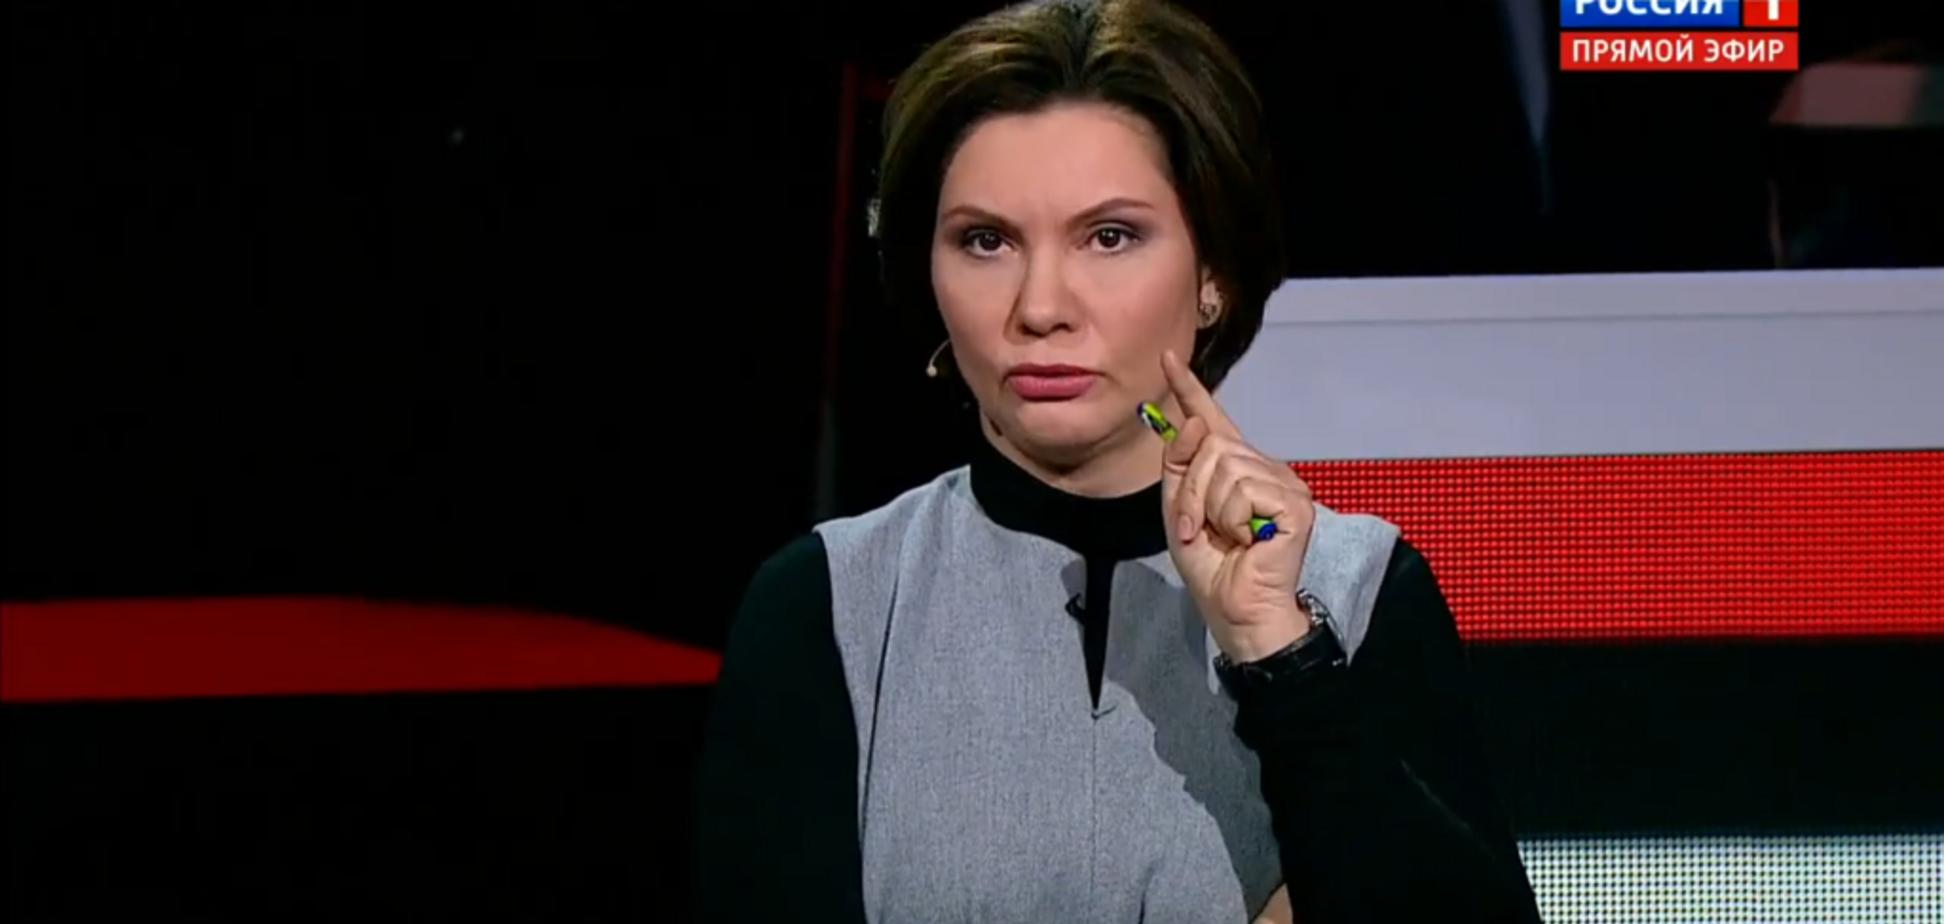 'Мое лицо, когда звонят из Москвы': скандальную экс-регионалку высмеяли за нелепое фото